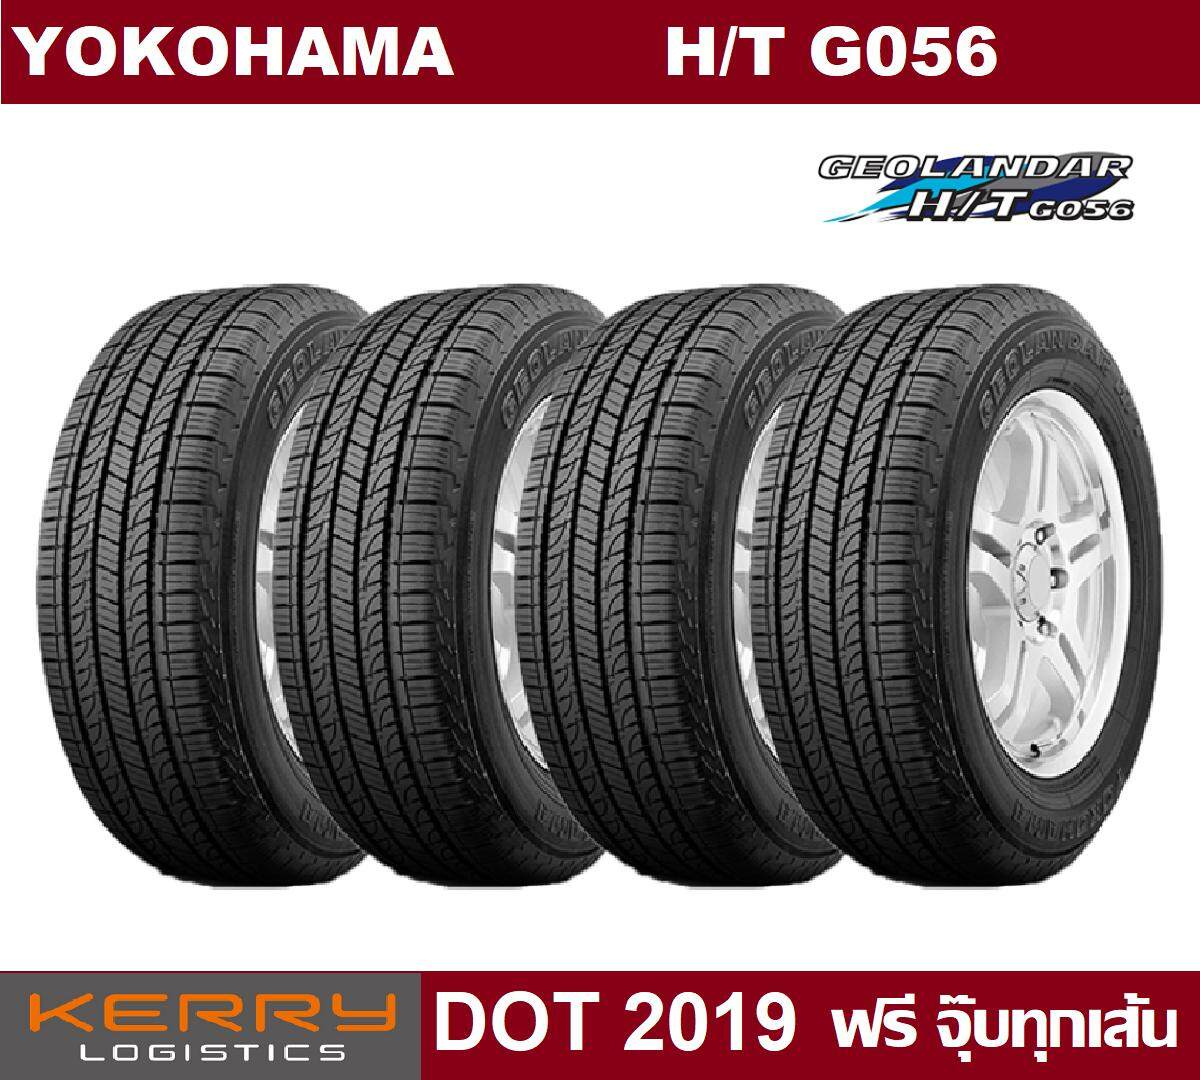 ประกันภัย รถยนต์ ชั้น 3 ราคา ถูก ชัยนาท ยางรถยนต์ Yokohama รุ่น Geolandar H/T G056 ขนาด 245/70R16 จำนวน 4 เส้น (2019)